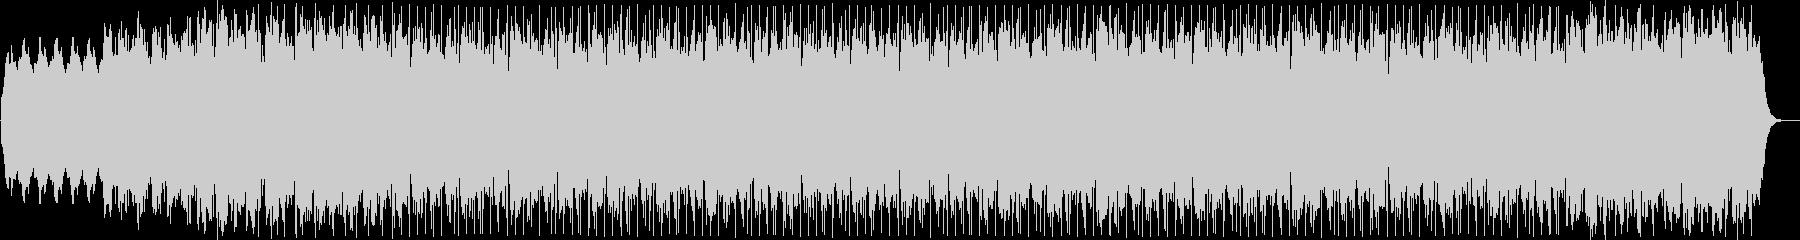 美しいループのシリアスなテクノ音の未再生の波形